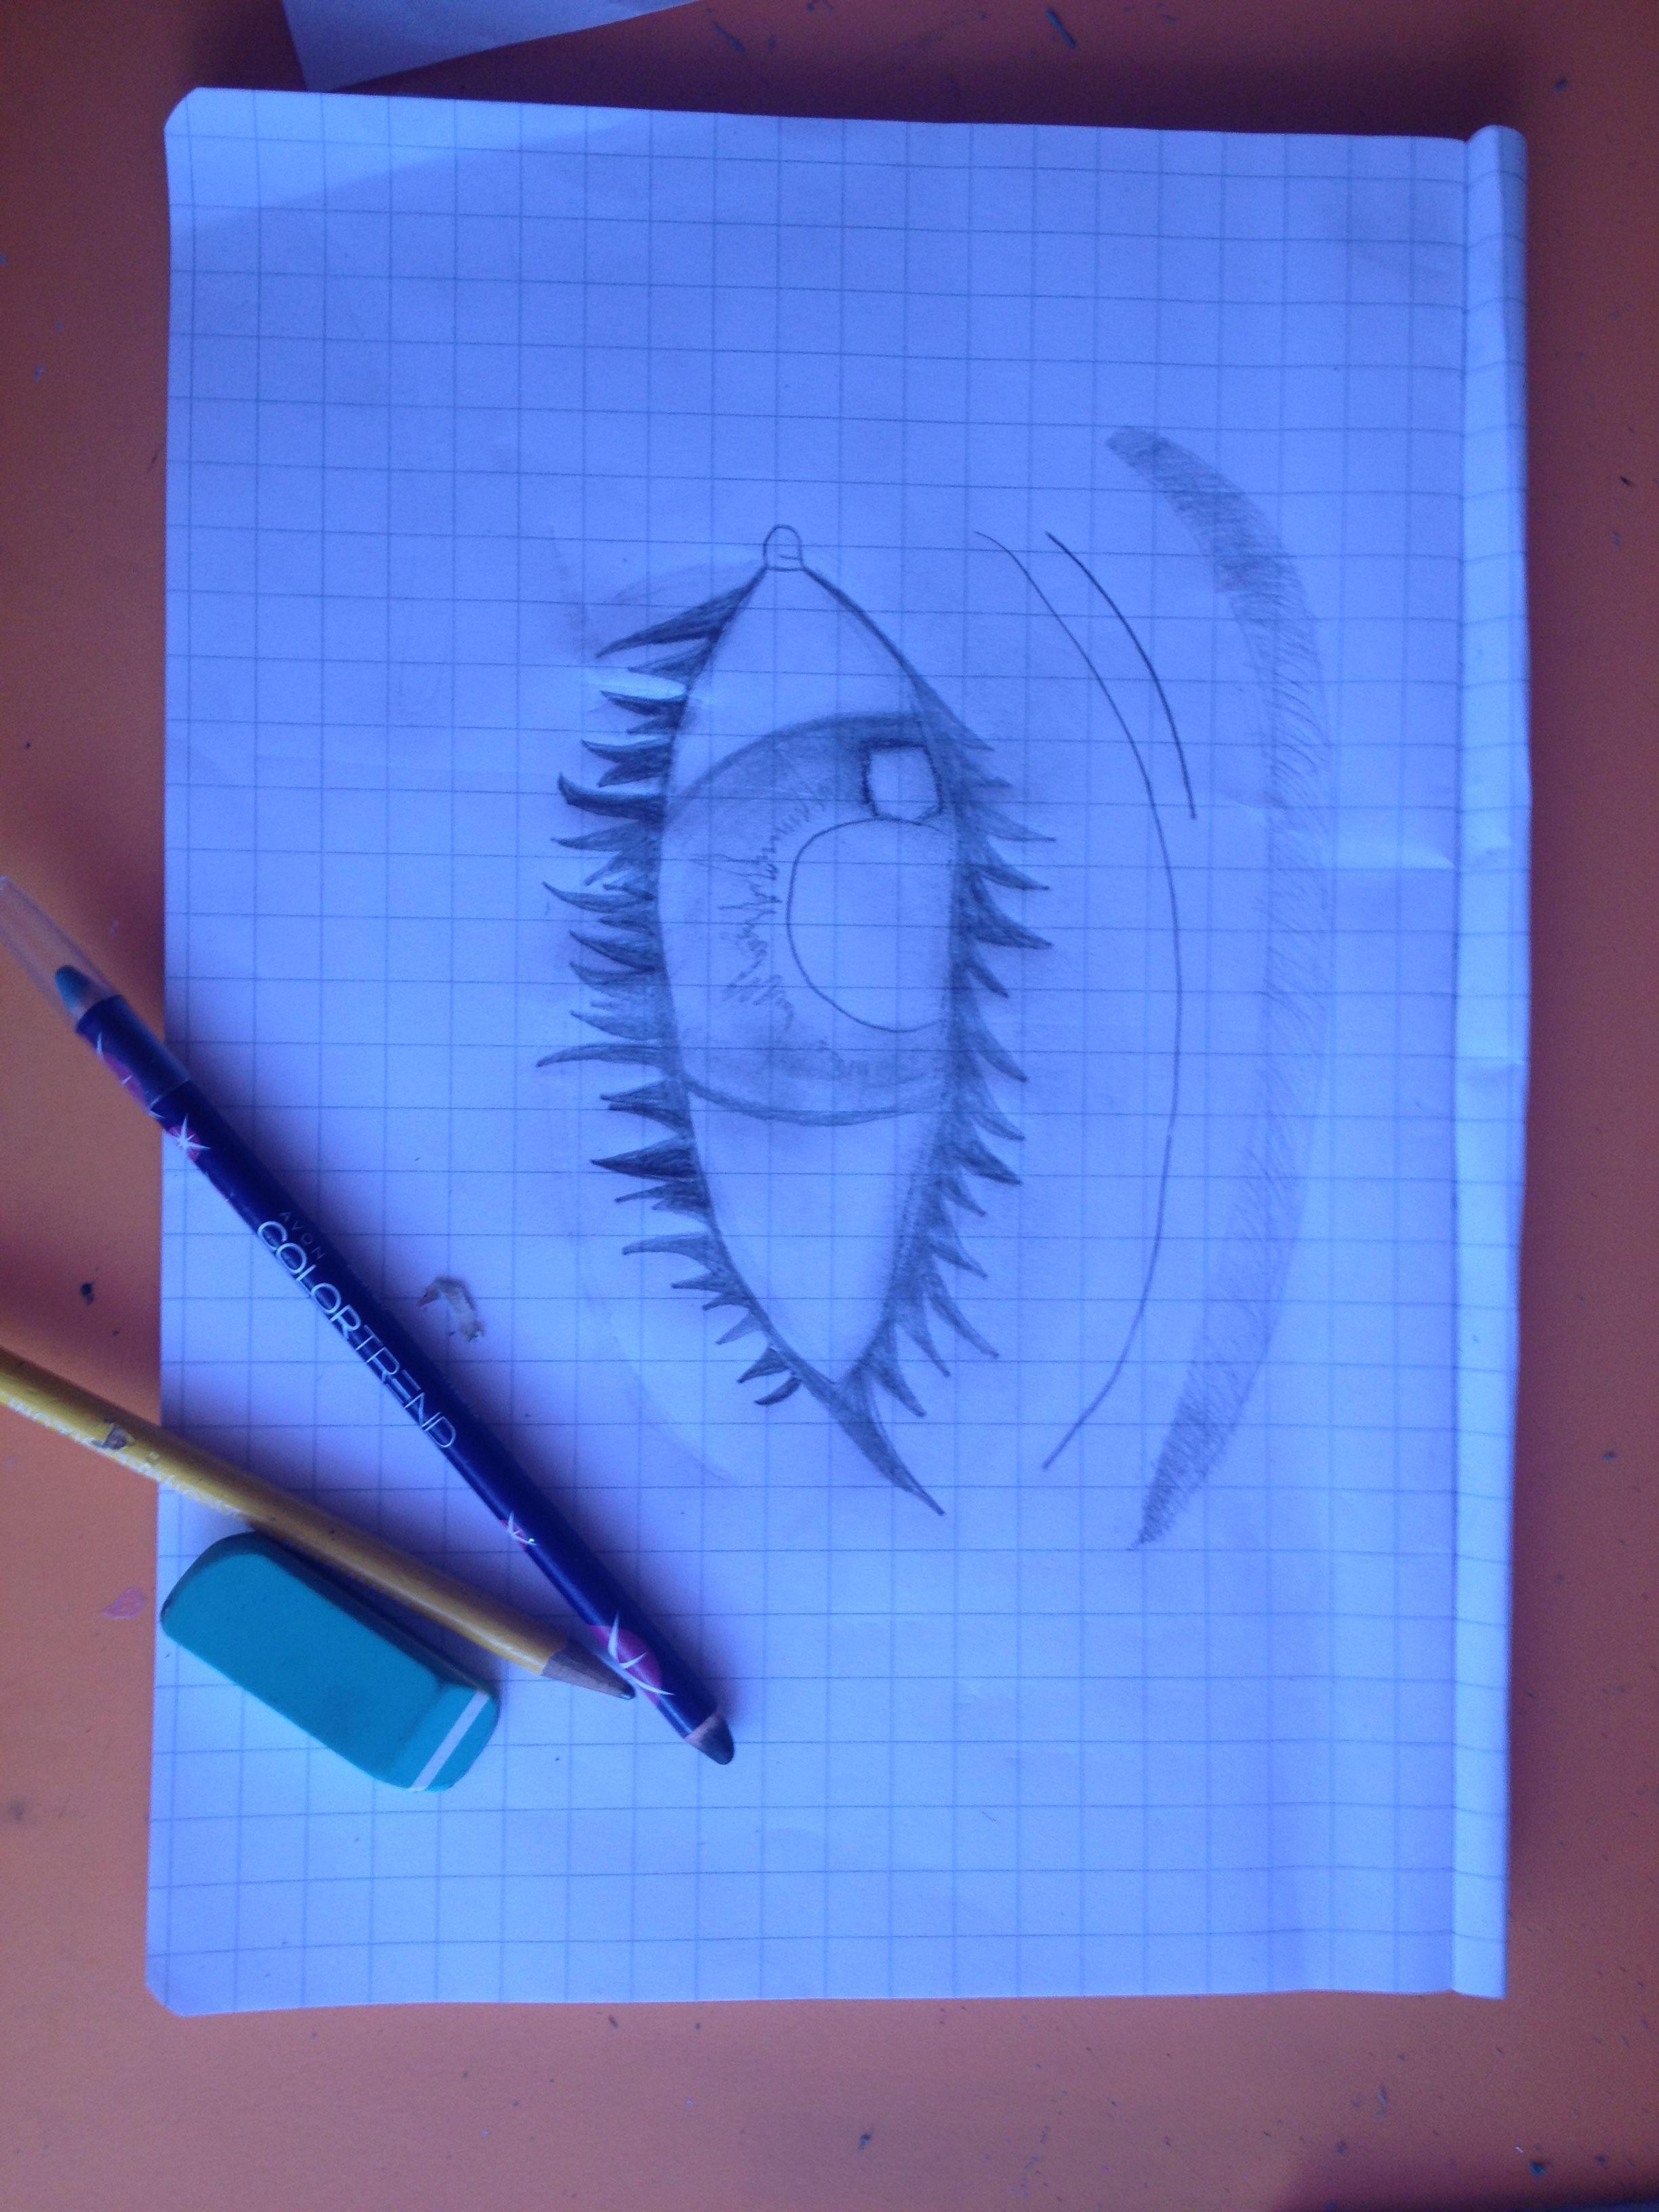 Vi piace il mio disegno??